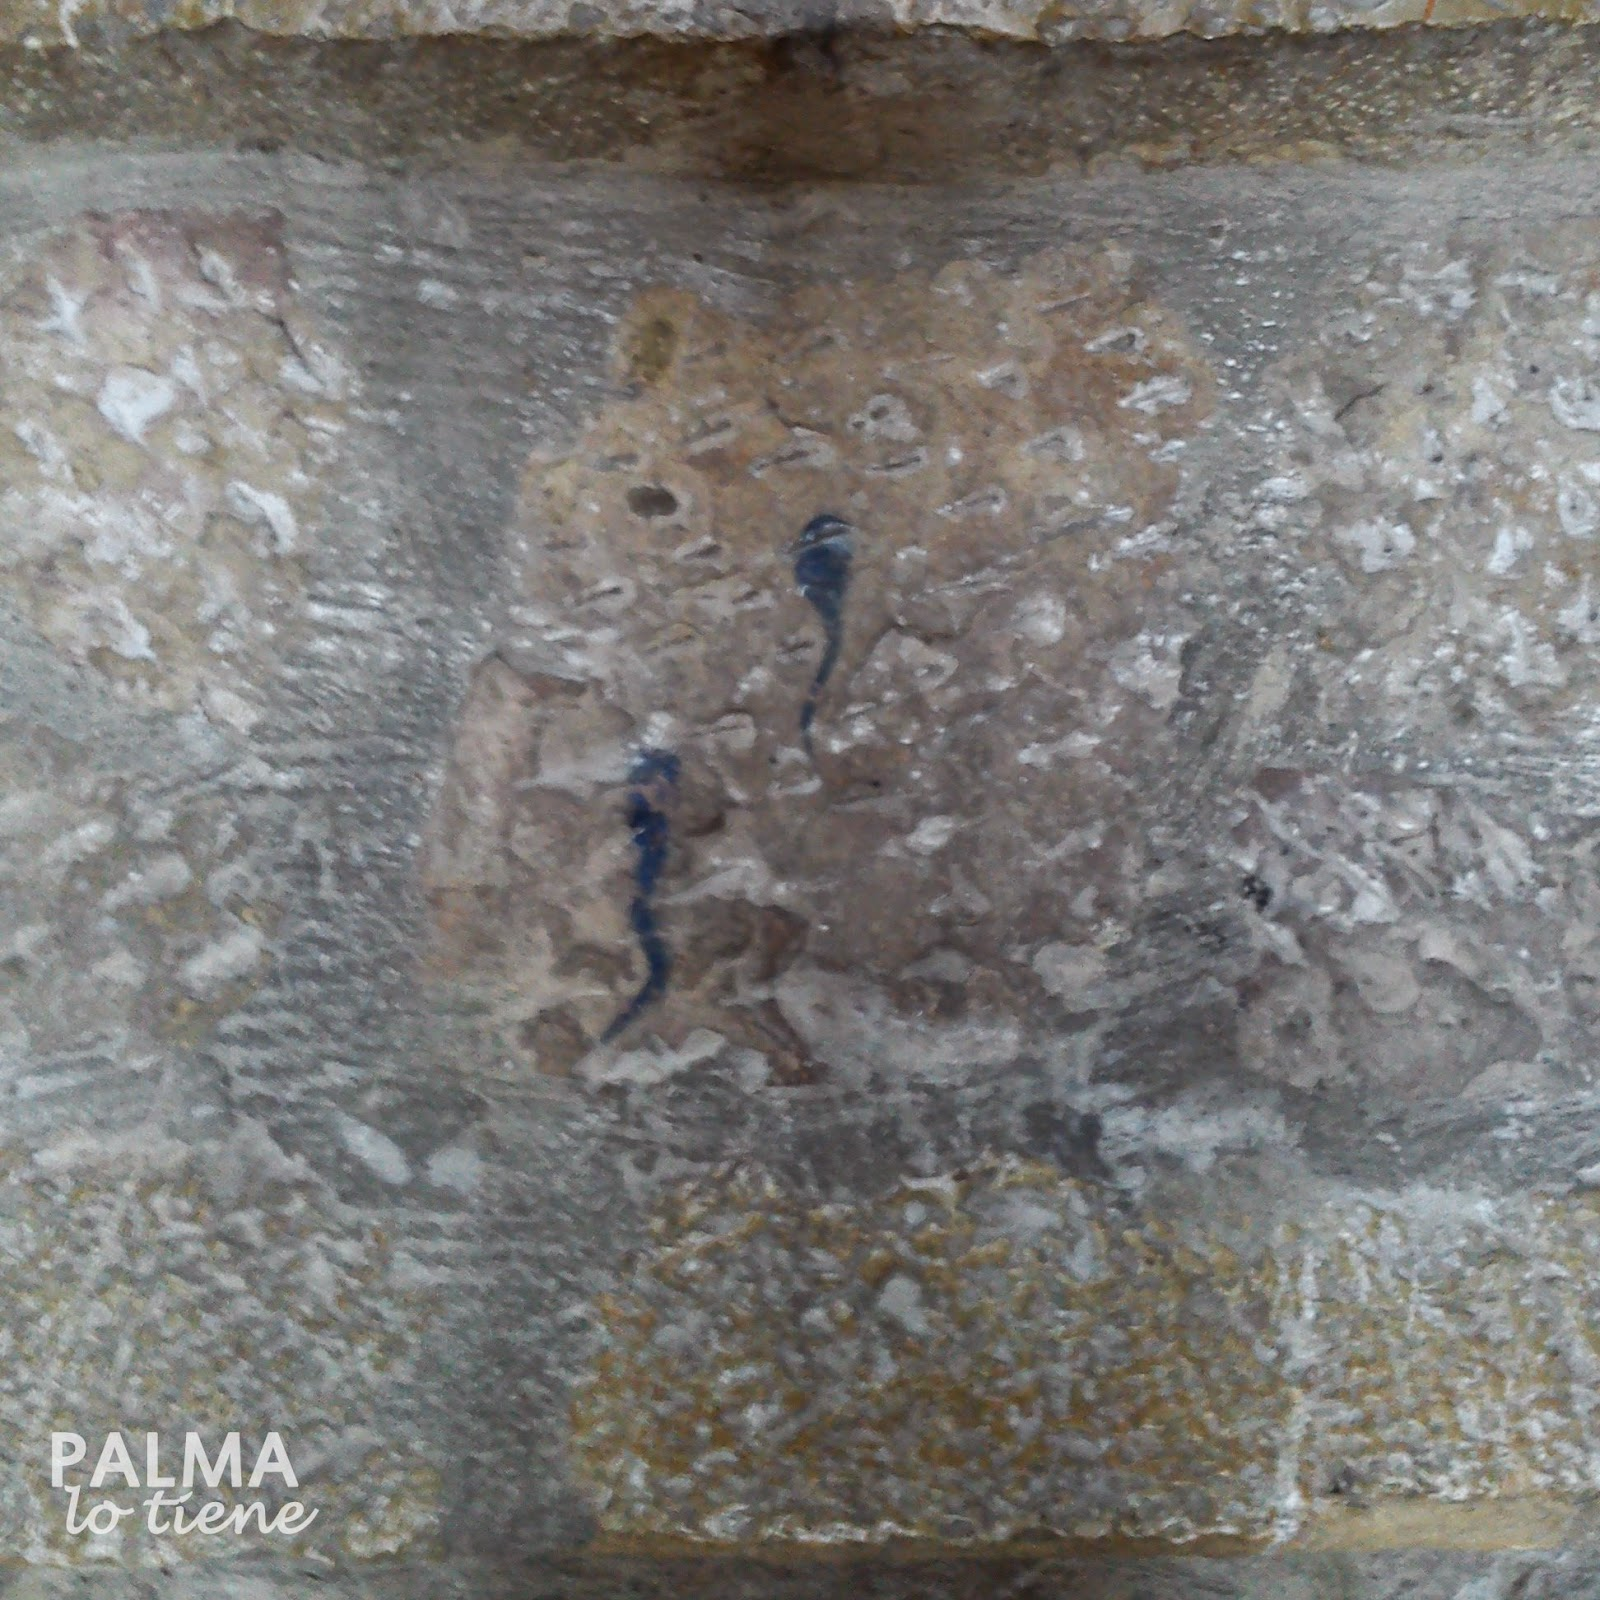 http://palmalotiene.blogspot.com.es/2014/09/do-not-walk-on-art.html